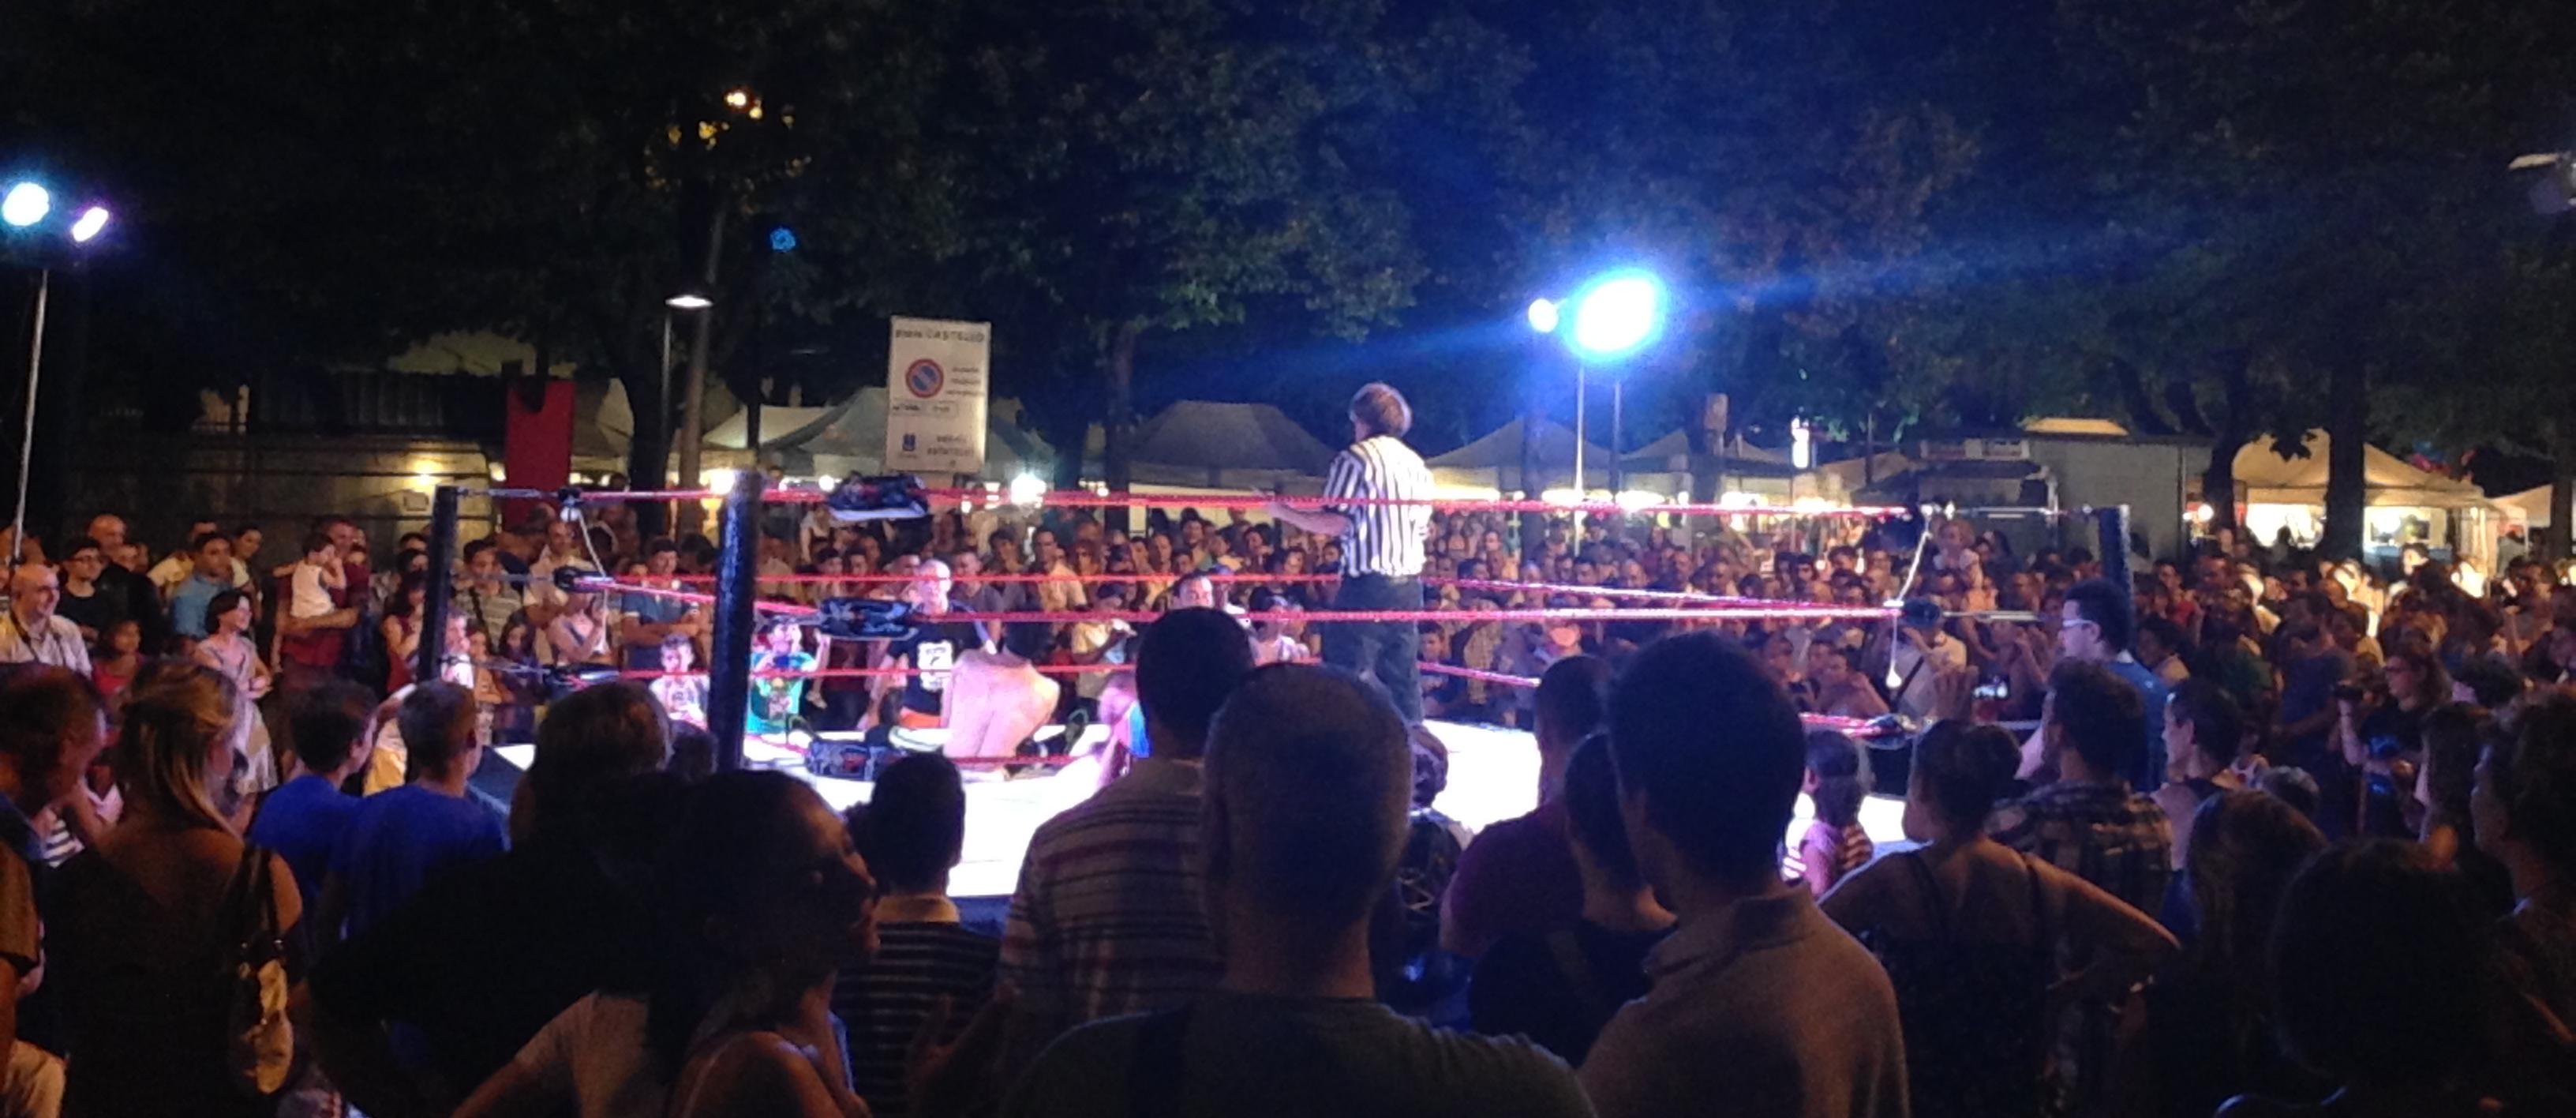 Bagno di Folla a Lodi! I Risultati della ICW alla Notte Bianca Lodigiana!